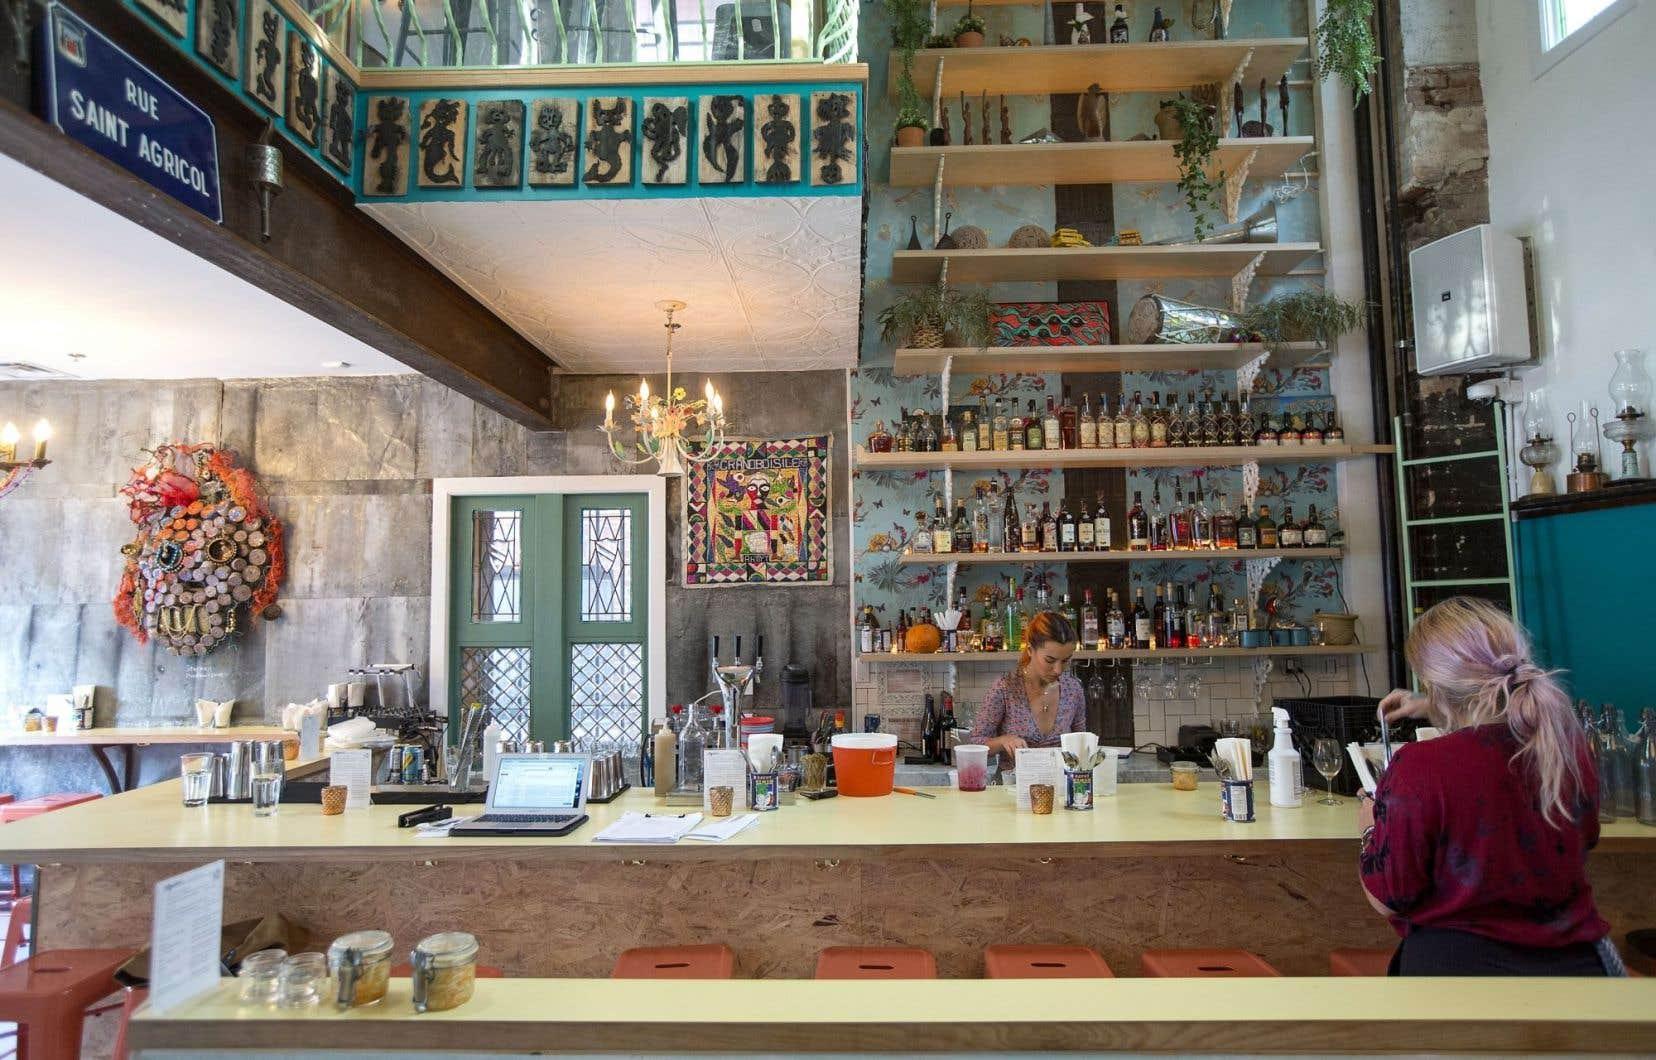 Aux murs du restaurant Agrikol, une litanie d'objets représentatifs de l'artisanat haïtien, qui pourrait faire de cette maison un bureau de tourisme exceptionnel lorsque la misère aura décidé d'aller s'abattre ailleurs que toujours sur la tête des mêmes.